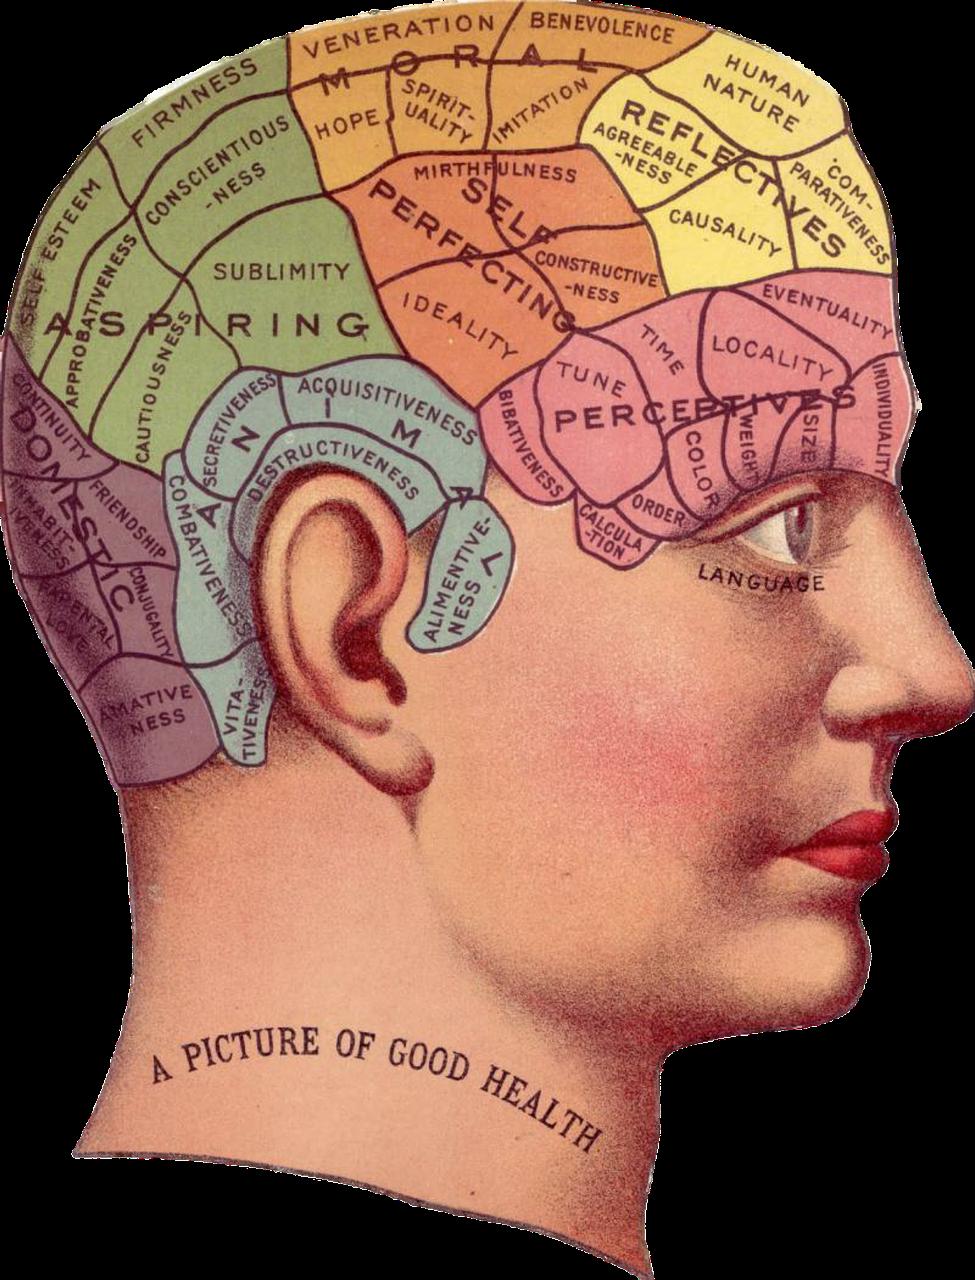 On entend encore souvent des gens qui se décrètent « logiques » et se résigner sur leur manque de compétences artistiques ou d'intuition, dire : « Ça ne m'étonne pas, je suis cerveau gauche ! ». À l'inverse, d'autres justifient leurs facilités à imaginer, créer, rêver — et plaisantent inversement sur leurs difficultés avec les choses d'ordre plus matériel — en disant : « Normal, c'est mon côté très cerveau droit ! ».